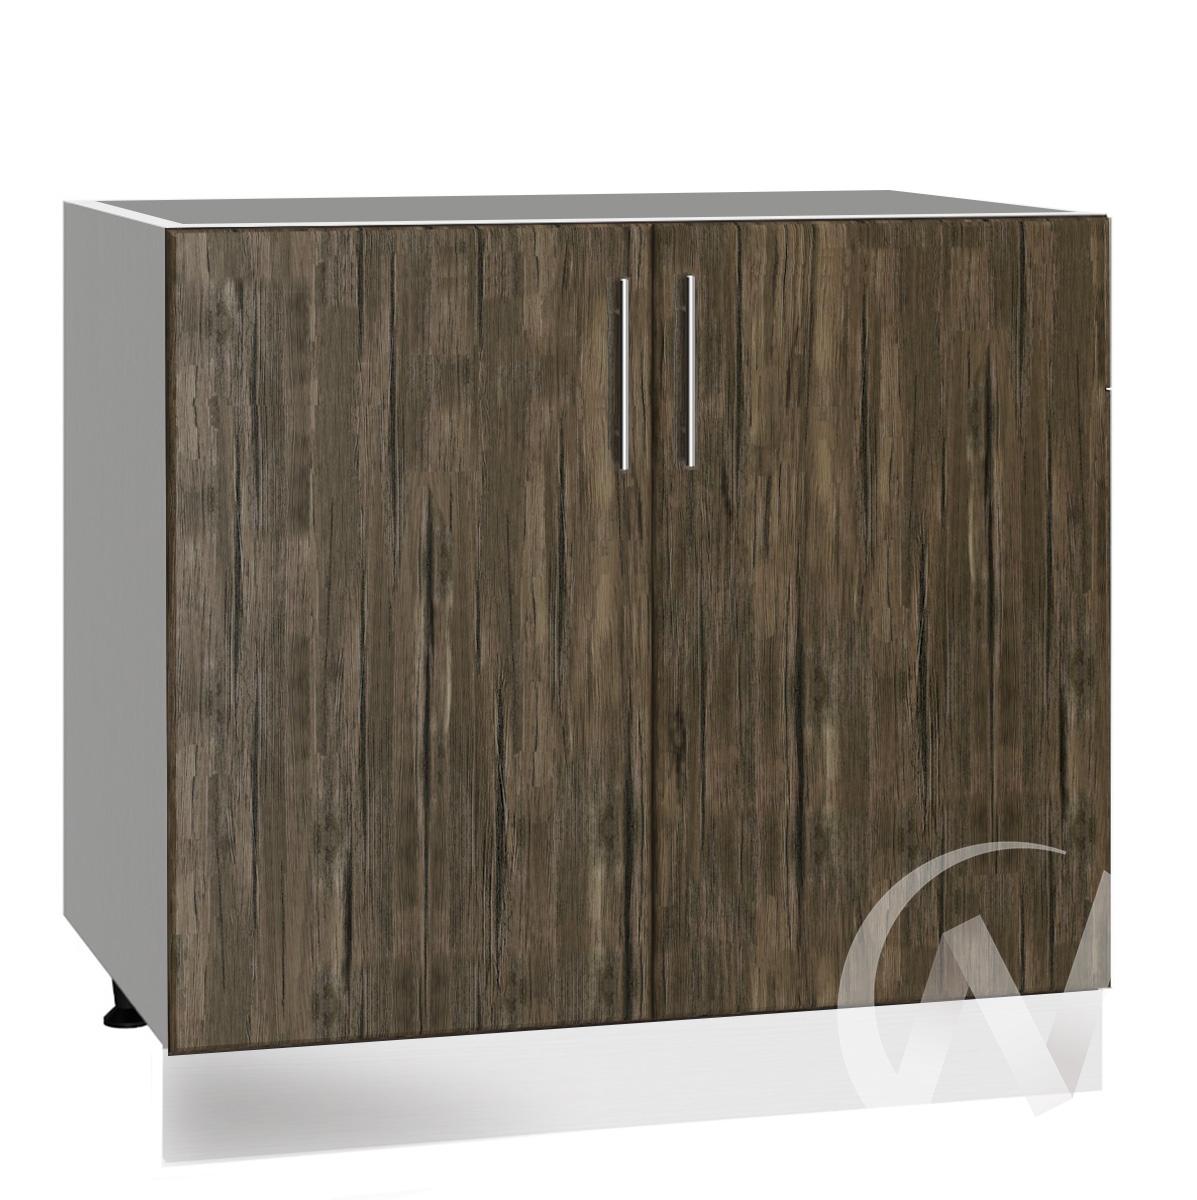 """Кухня """"Норден"""": Шкаф нижний под мойку 800, ШНМ 800 новый (старое дерево/корпус белый)"""